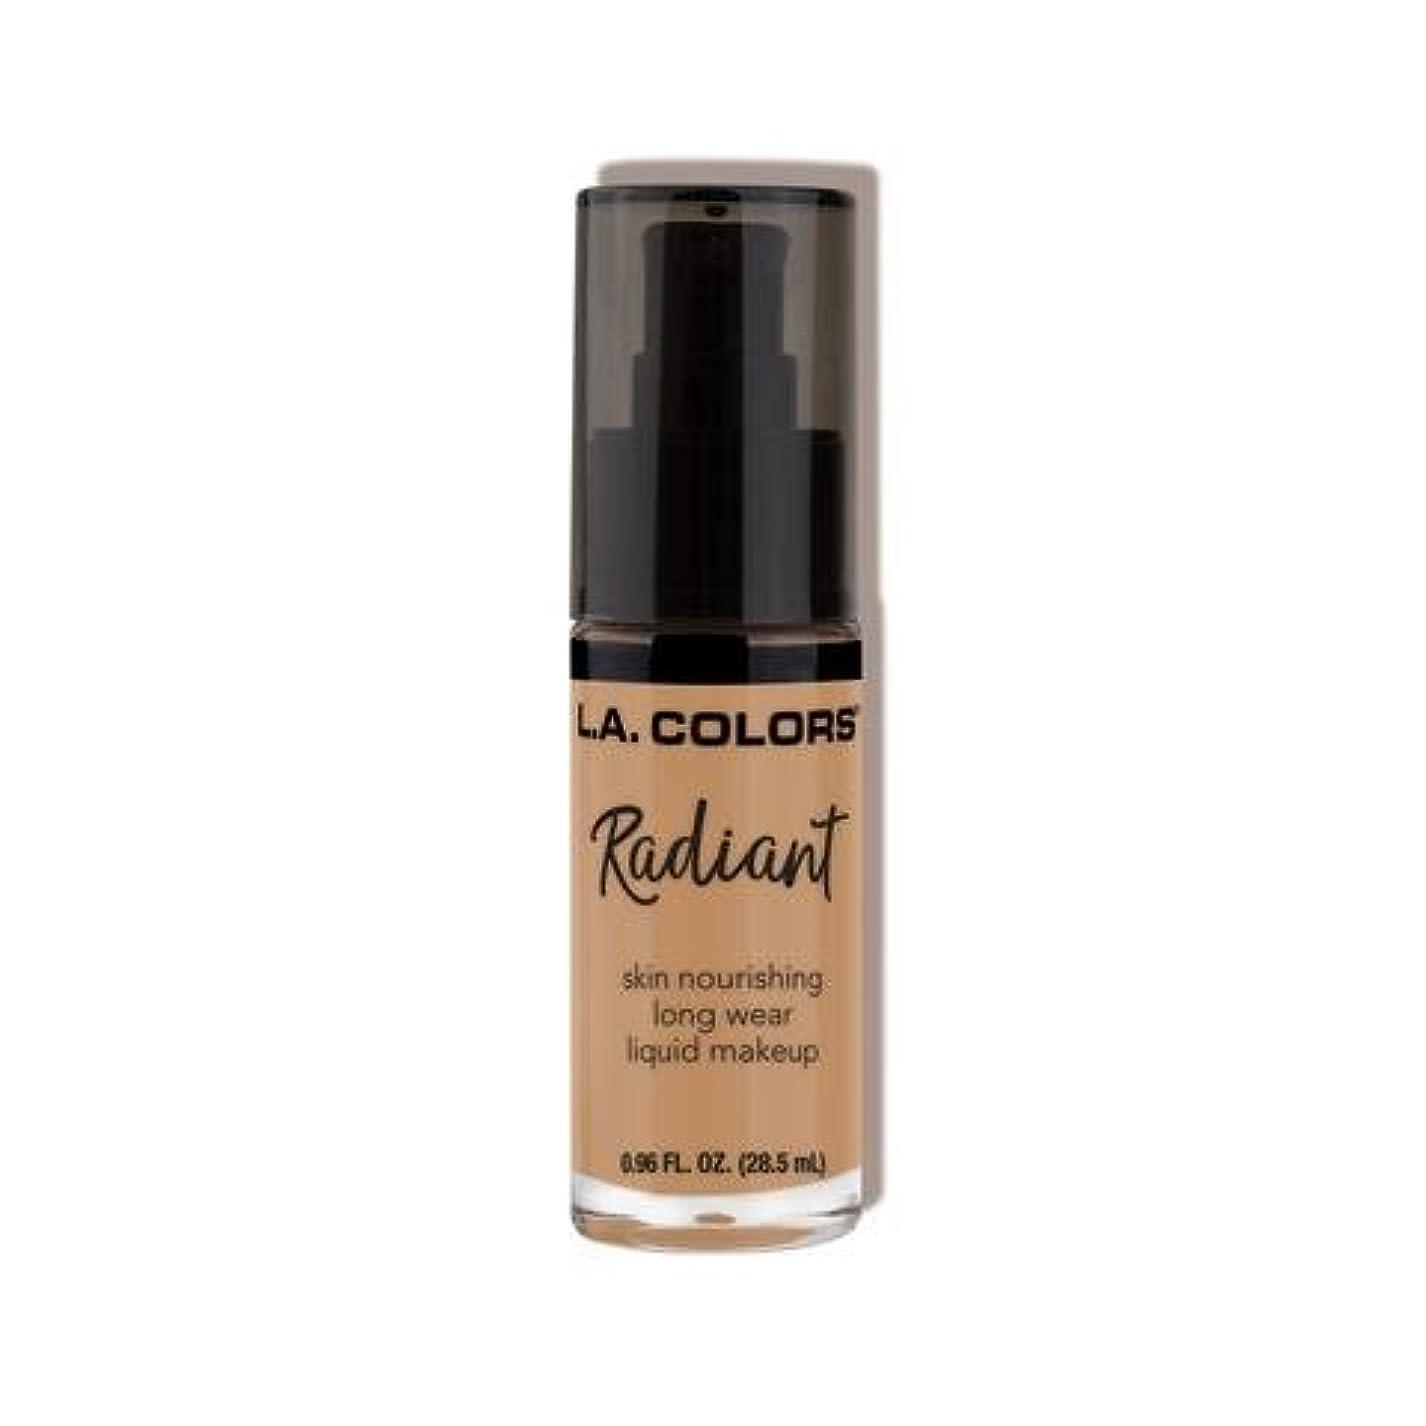 恨み反発するちらつき(3 Pack) L.A. COLORS Radiant Liquid Makeup - Light Toffee (並行輸入品)